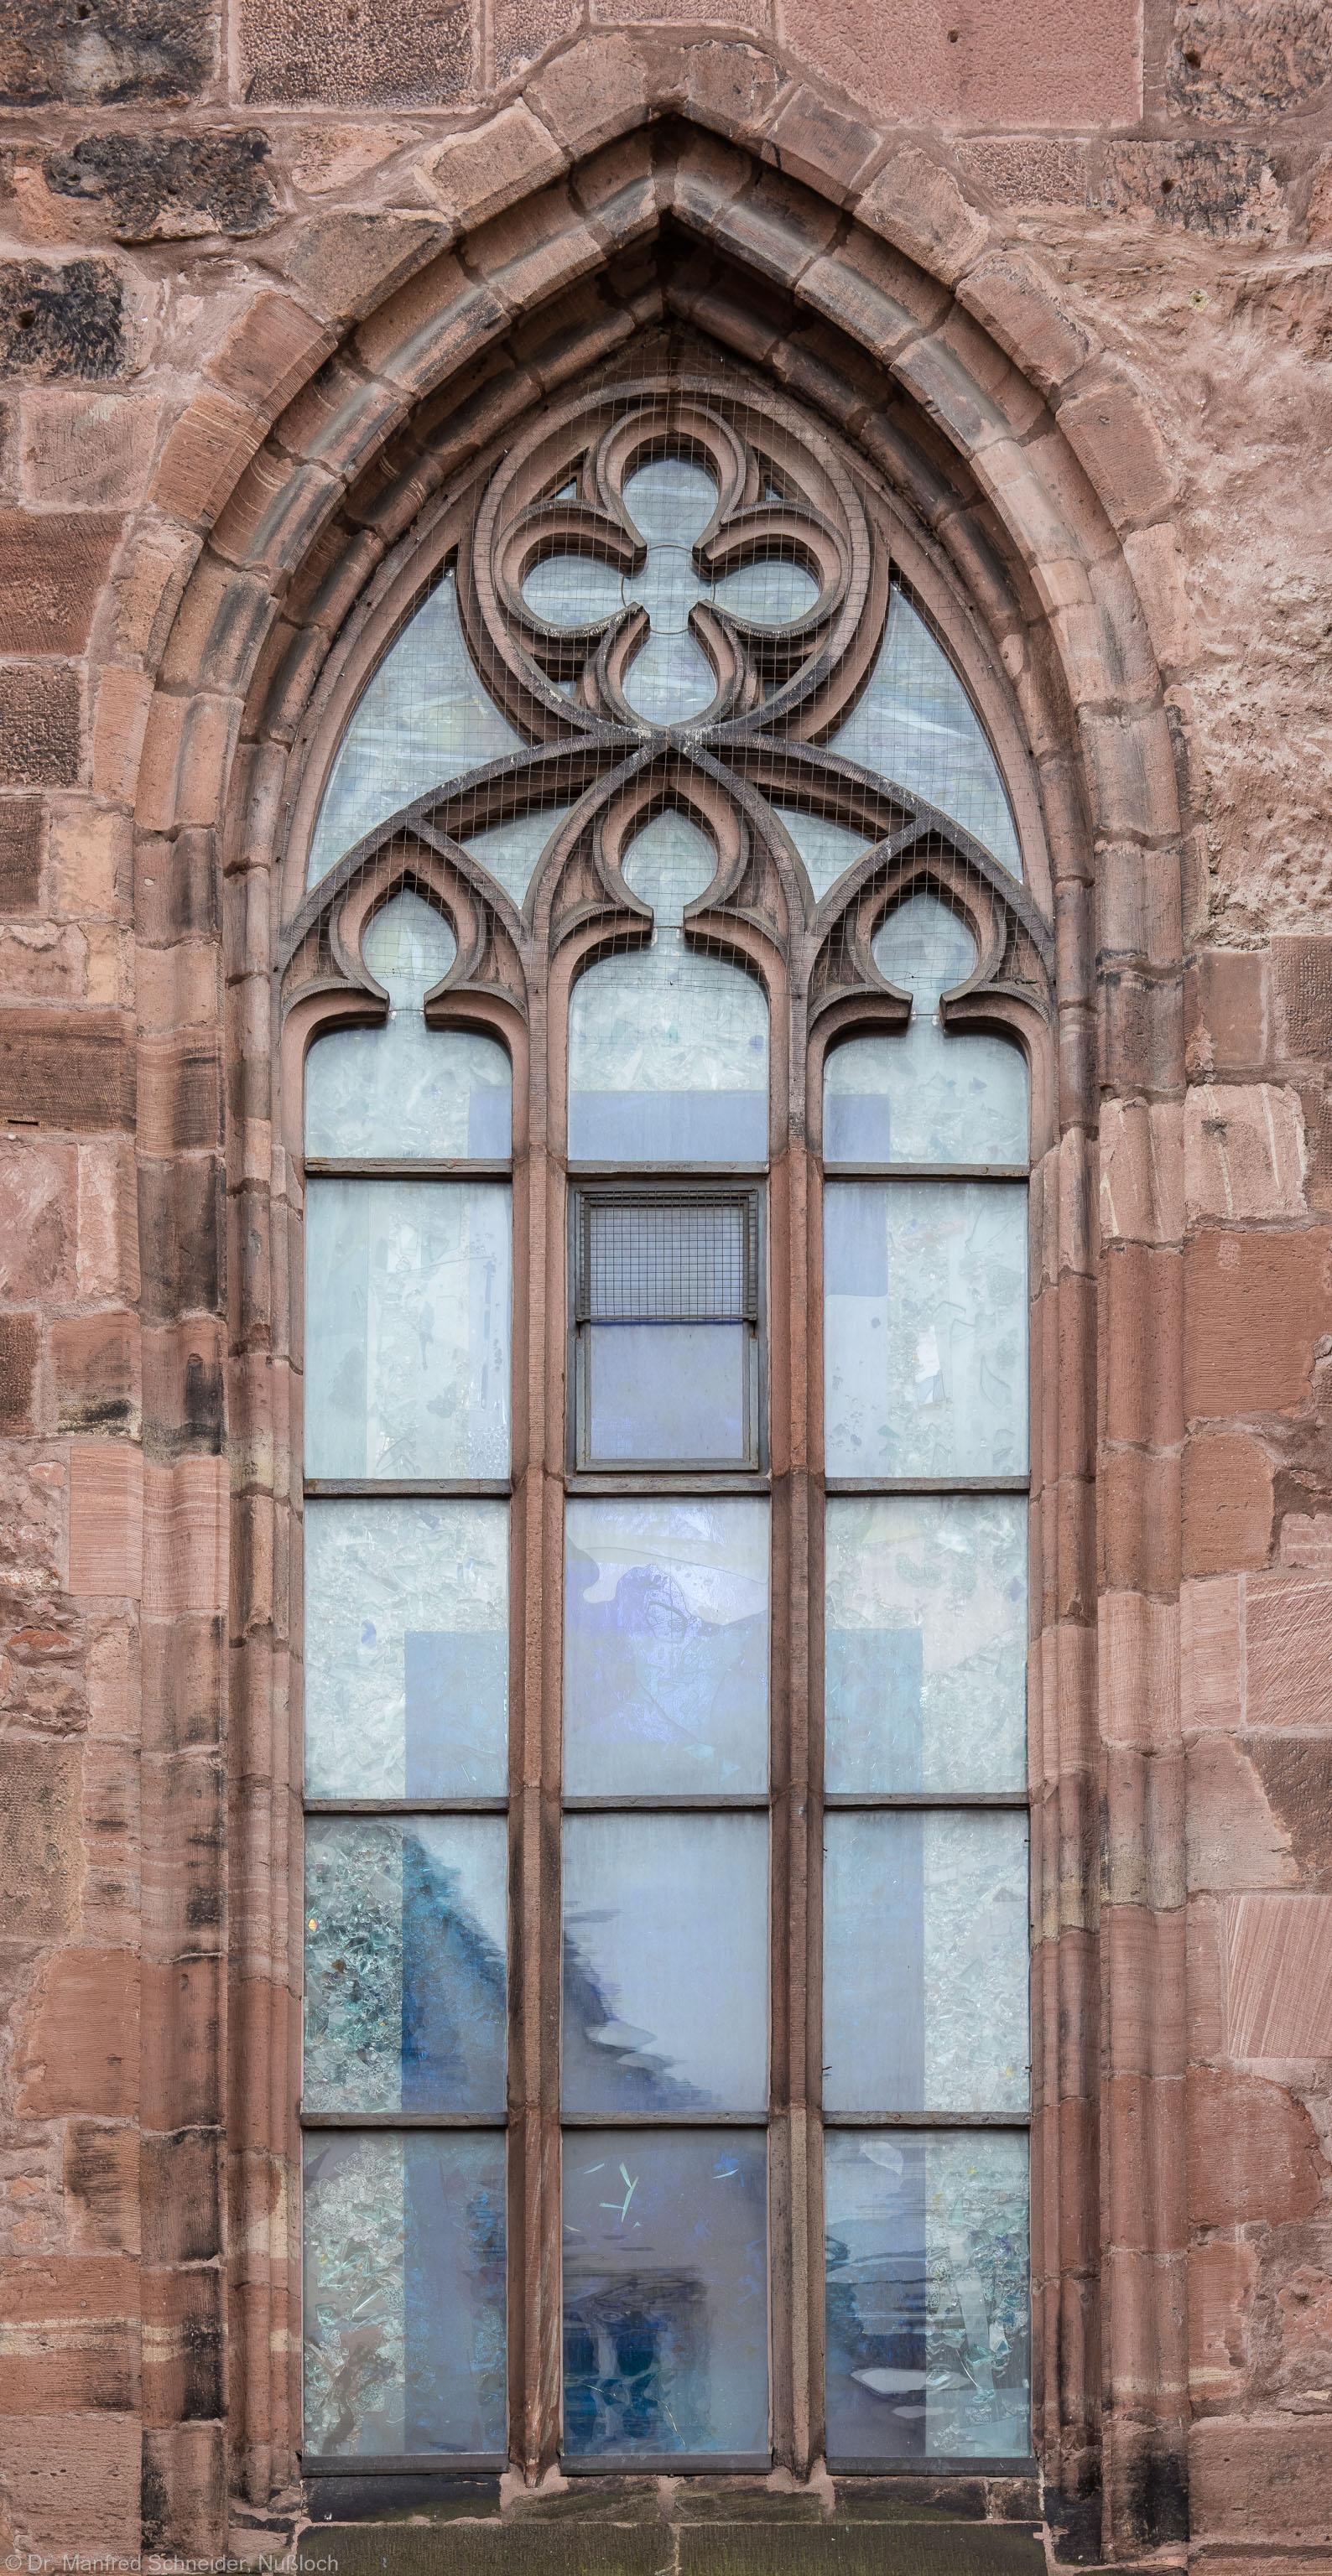 """Heidelberg - Heiliggeistkirche - Nordseite - 1. Fenster des Nordschiffs, von Westen aus gezählt - Blick auf das Fenster """"Schöpfungsgeschichte - Gottes Geist über den Wassern"""" von Hella De Santarossa (aufgenommen im Oktober 2015, am späten Vormittag)"""